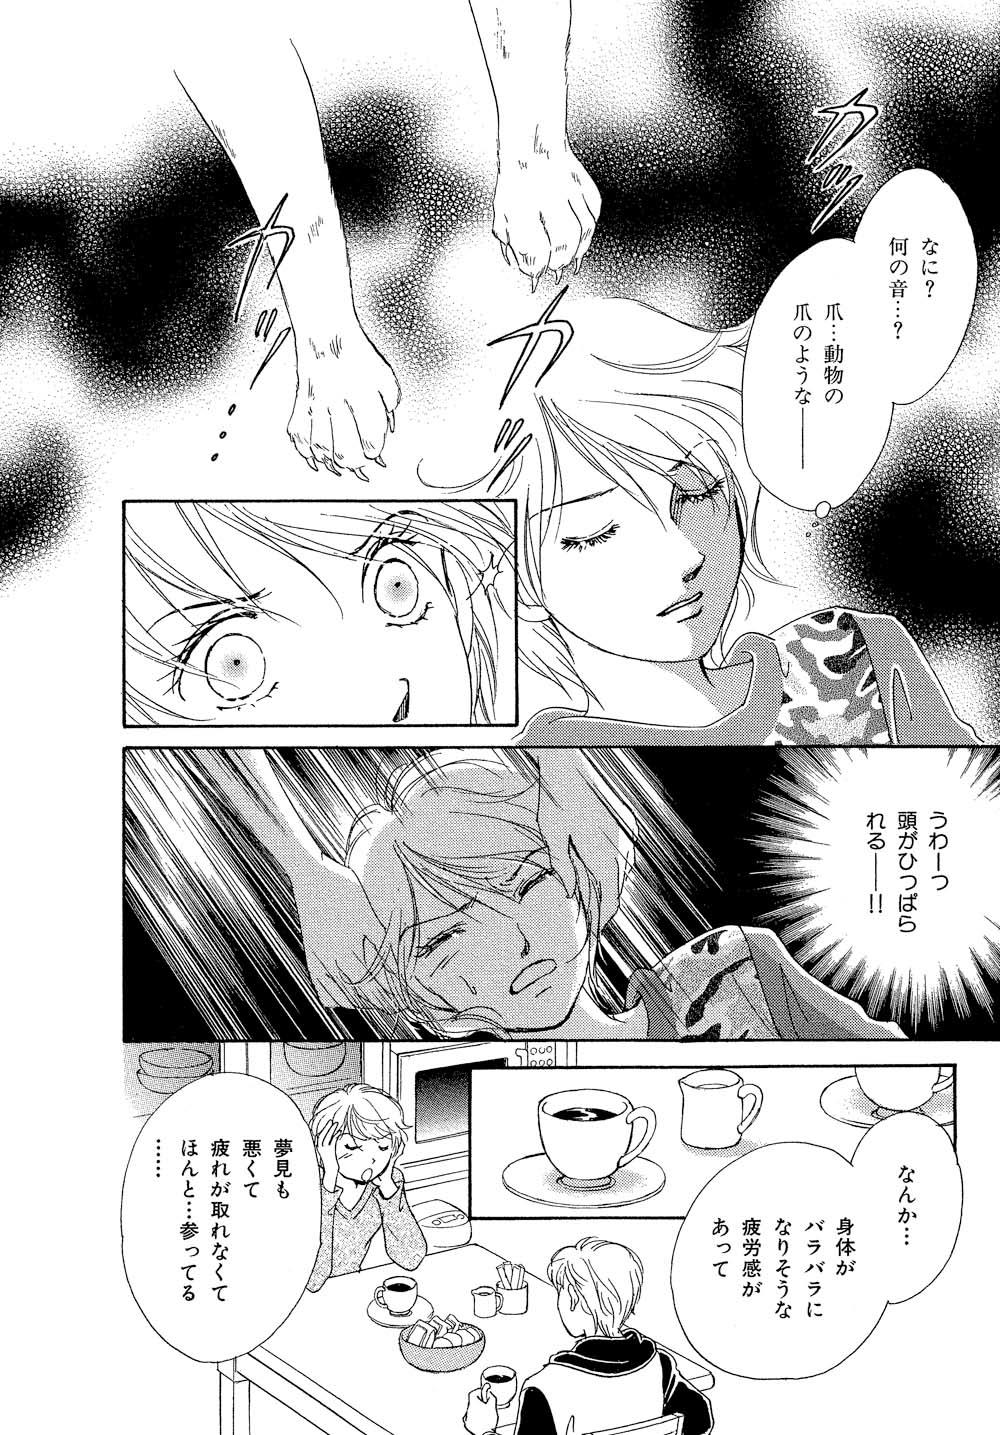 hakui_0001_0154.jpg